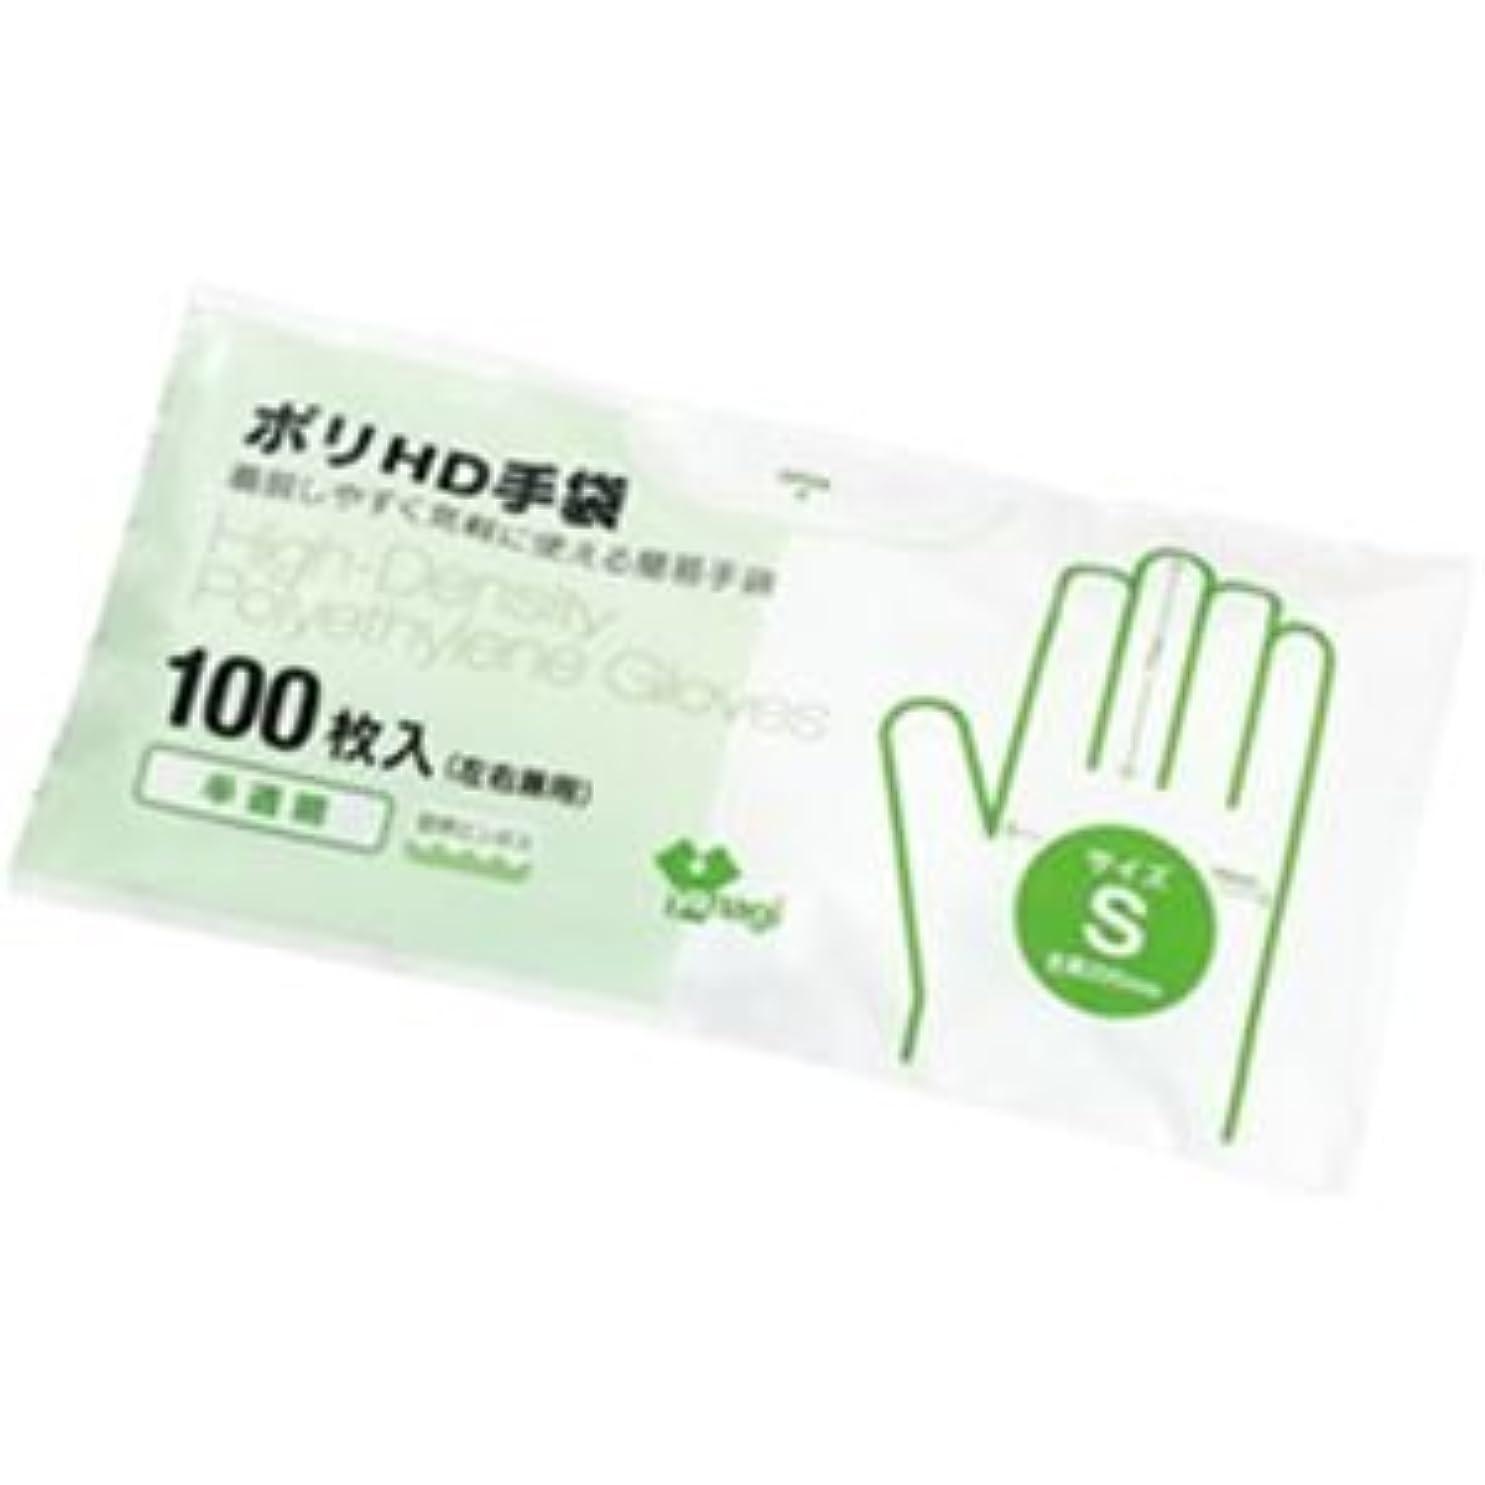 ブランチステンレス分析的やなぎプロダクツ 高密度ポリエチレン手袋 S 半透明 1箱(100枚) ×30セット